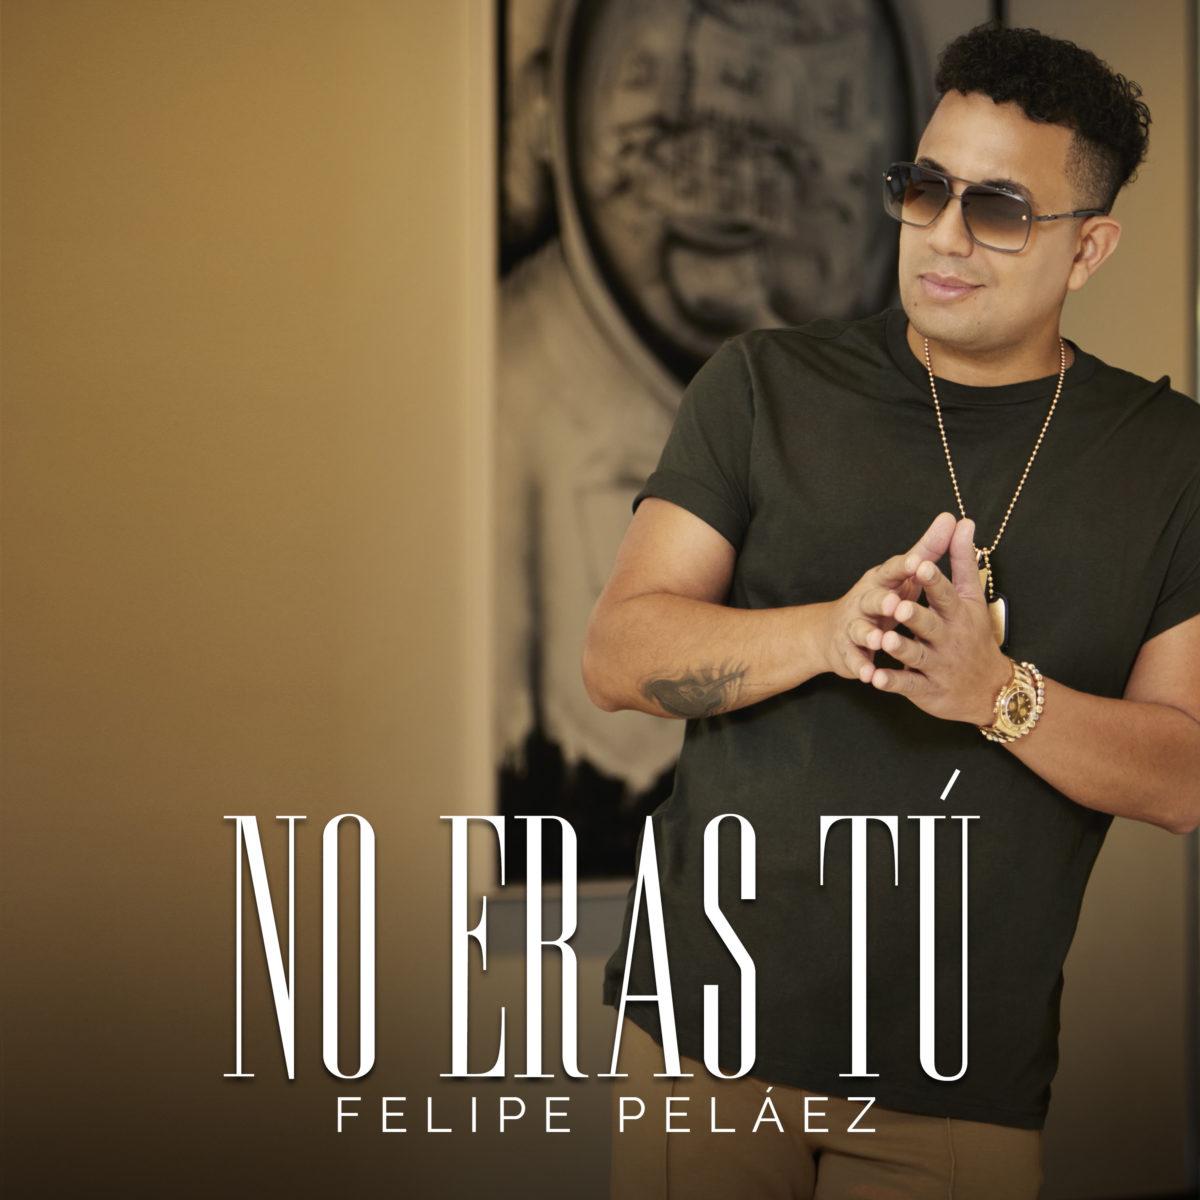 'No eras tú' el vallenato romántico y con full despecho que prometió Felipe Peláez  – @FelipePelaez